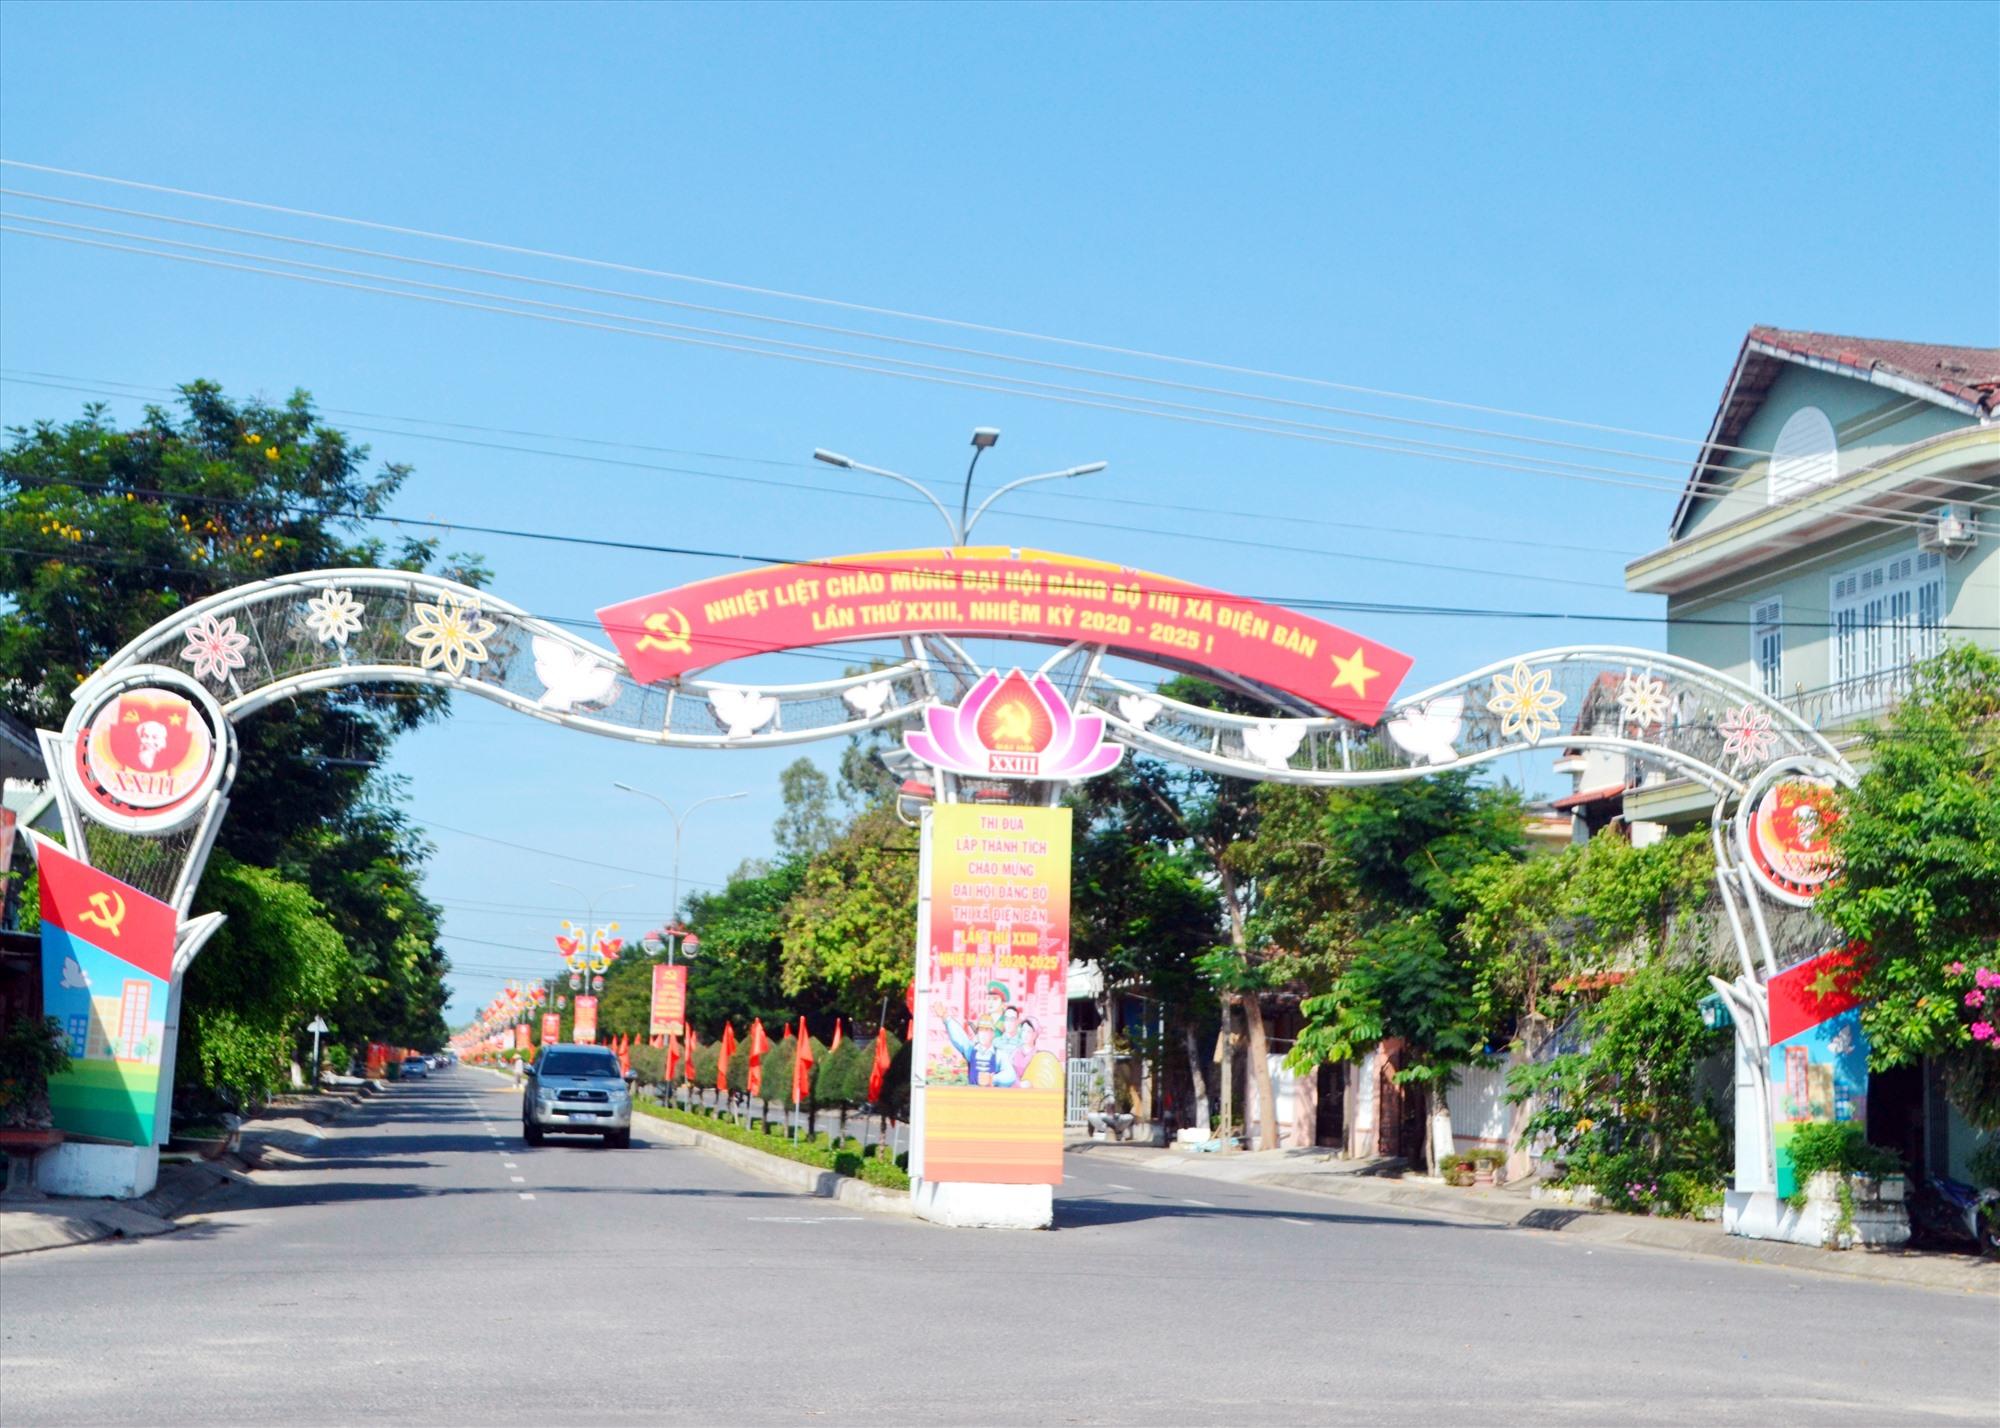 Tuyên truyền trực quan trên tuyến đường qua trung tâm hành chính Điện Bàn. Ảnh: CÔNG TÚ